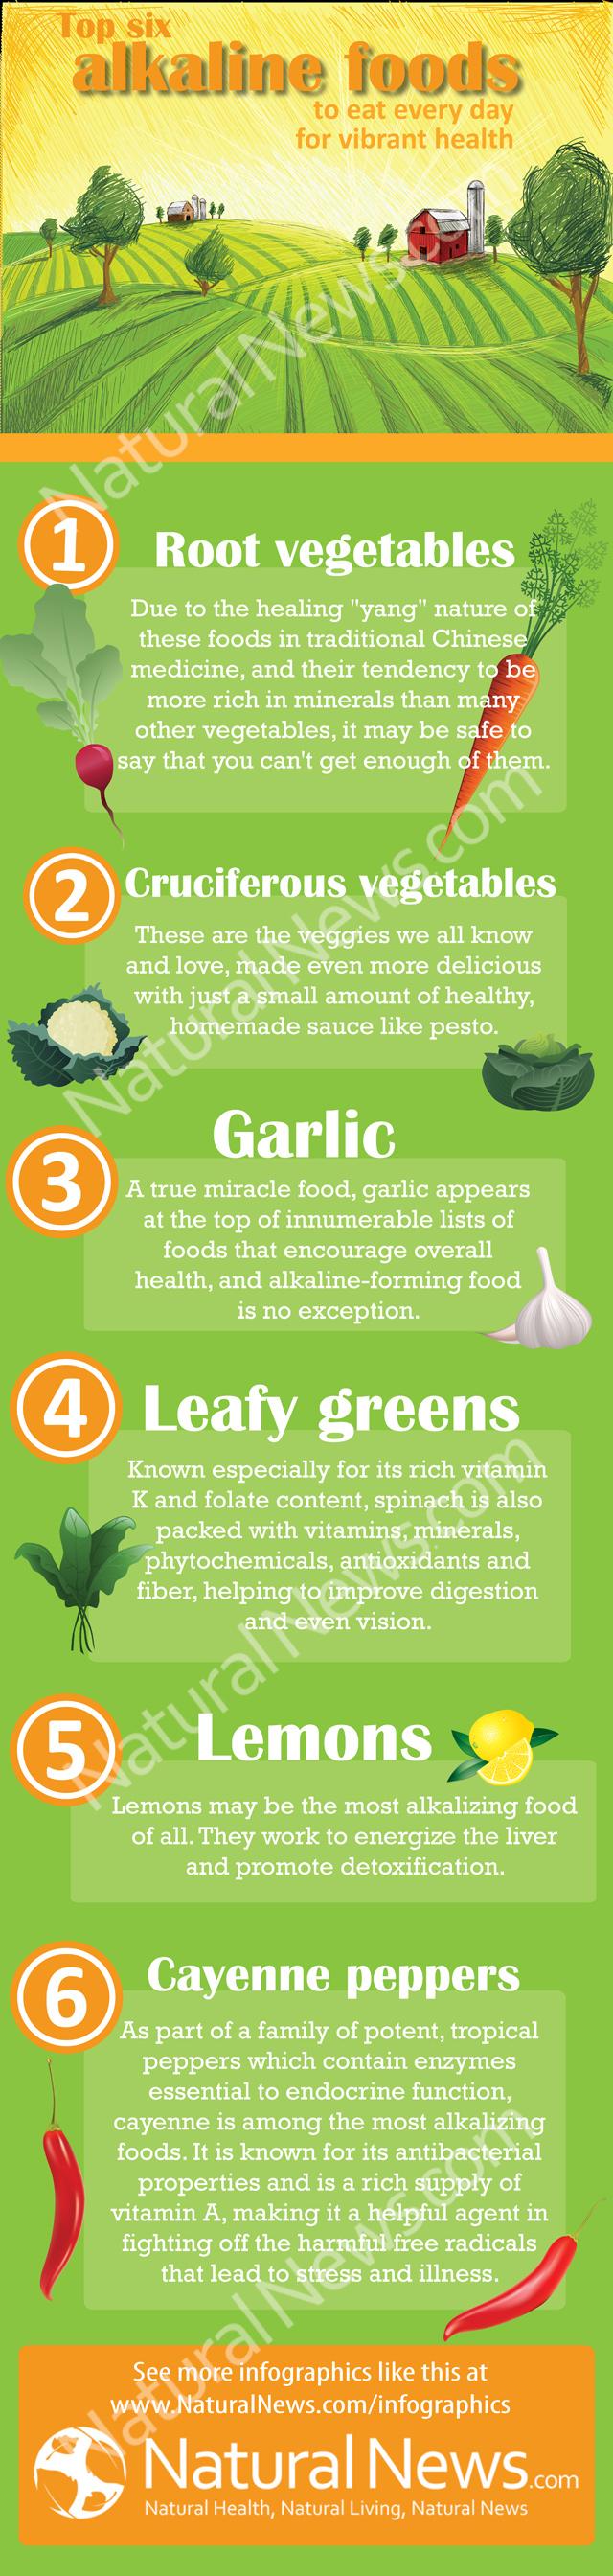 Top 6 alimentos alcalinos para una salud vibrante